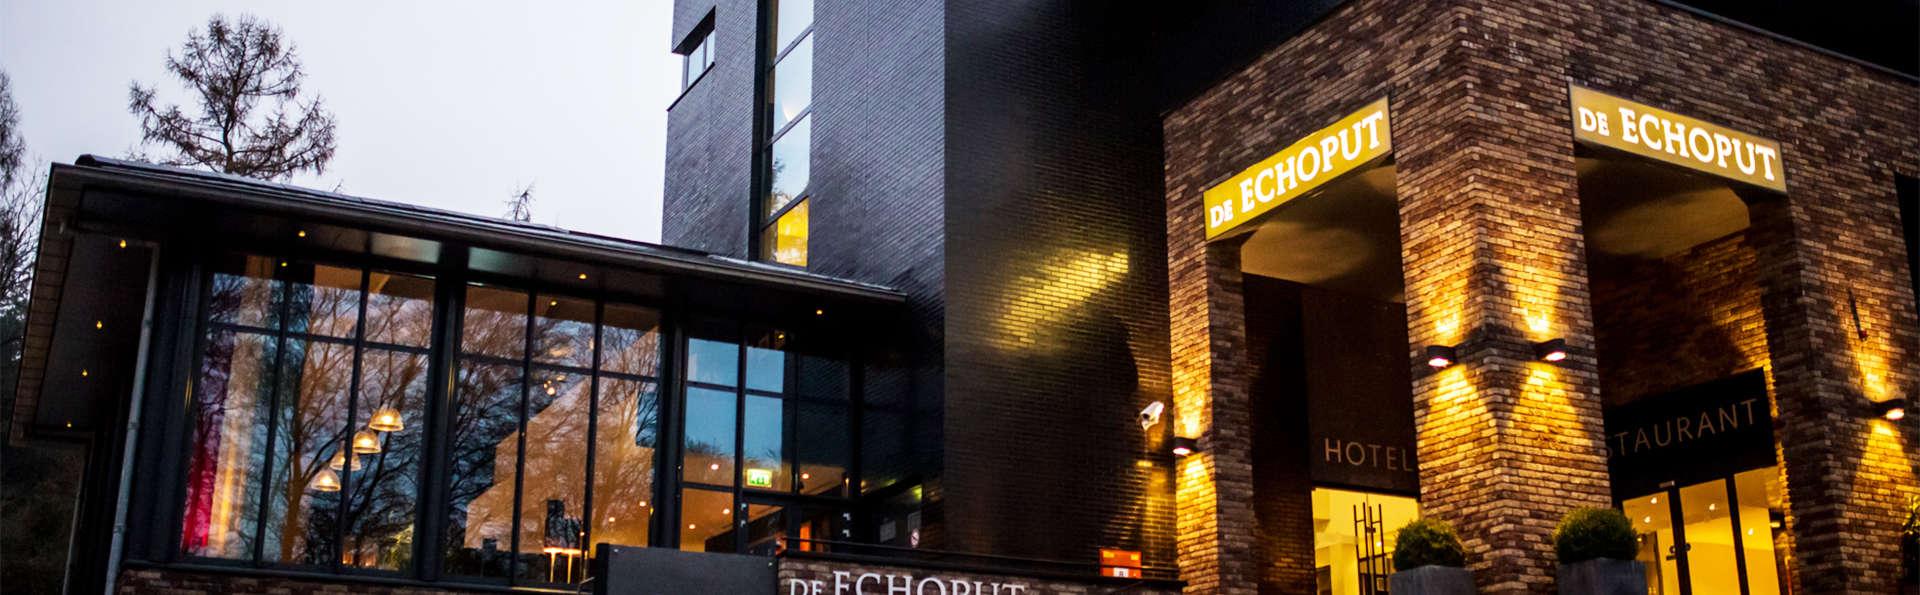 Hotel Gastronomique de Echoput  - EDIT_front2.jpg